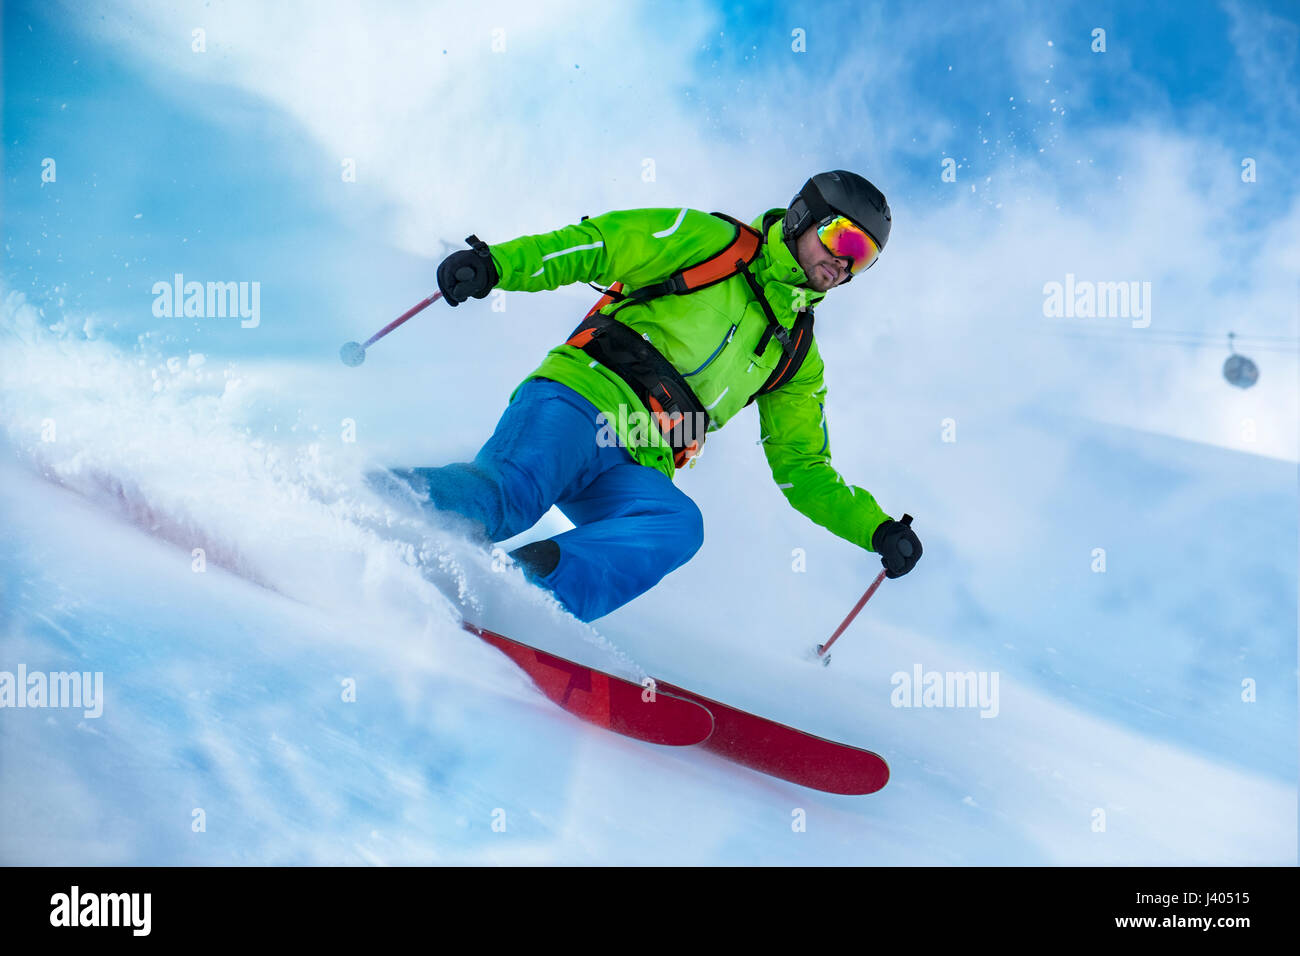 Markante Schuss von bunt bekleidet Freerider Ski Schnee-Welle. Stockbild